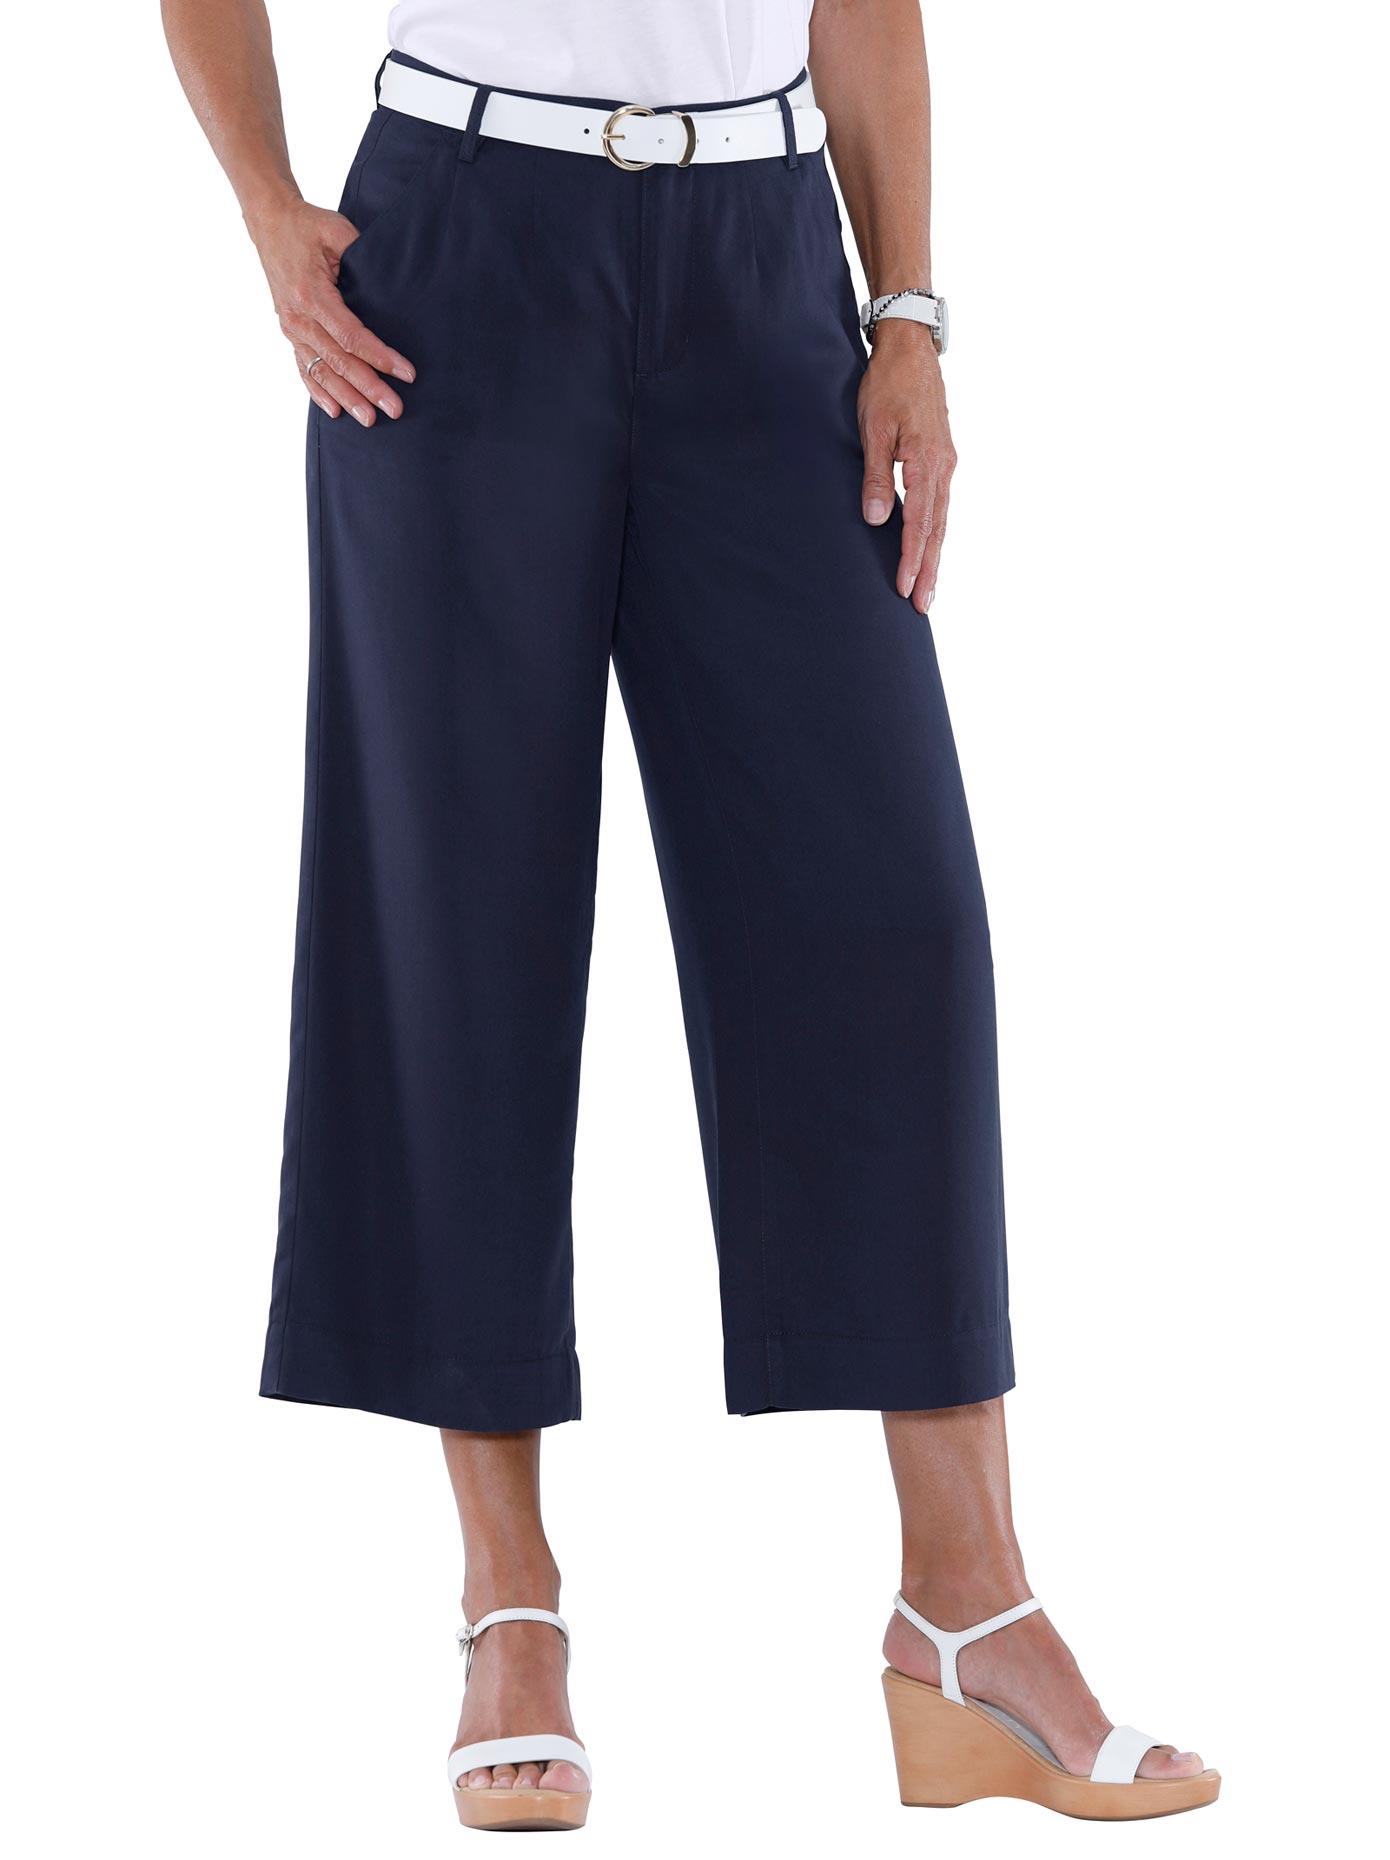 Casual Looks 7/8-Hose mit extraweit geschnittene Beine | Bekleidung > Hosen > 7/8-Hosen | Casual Looks